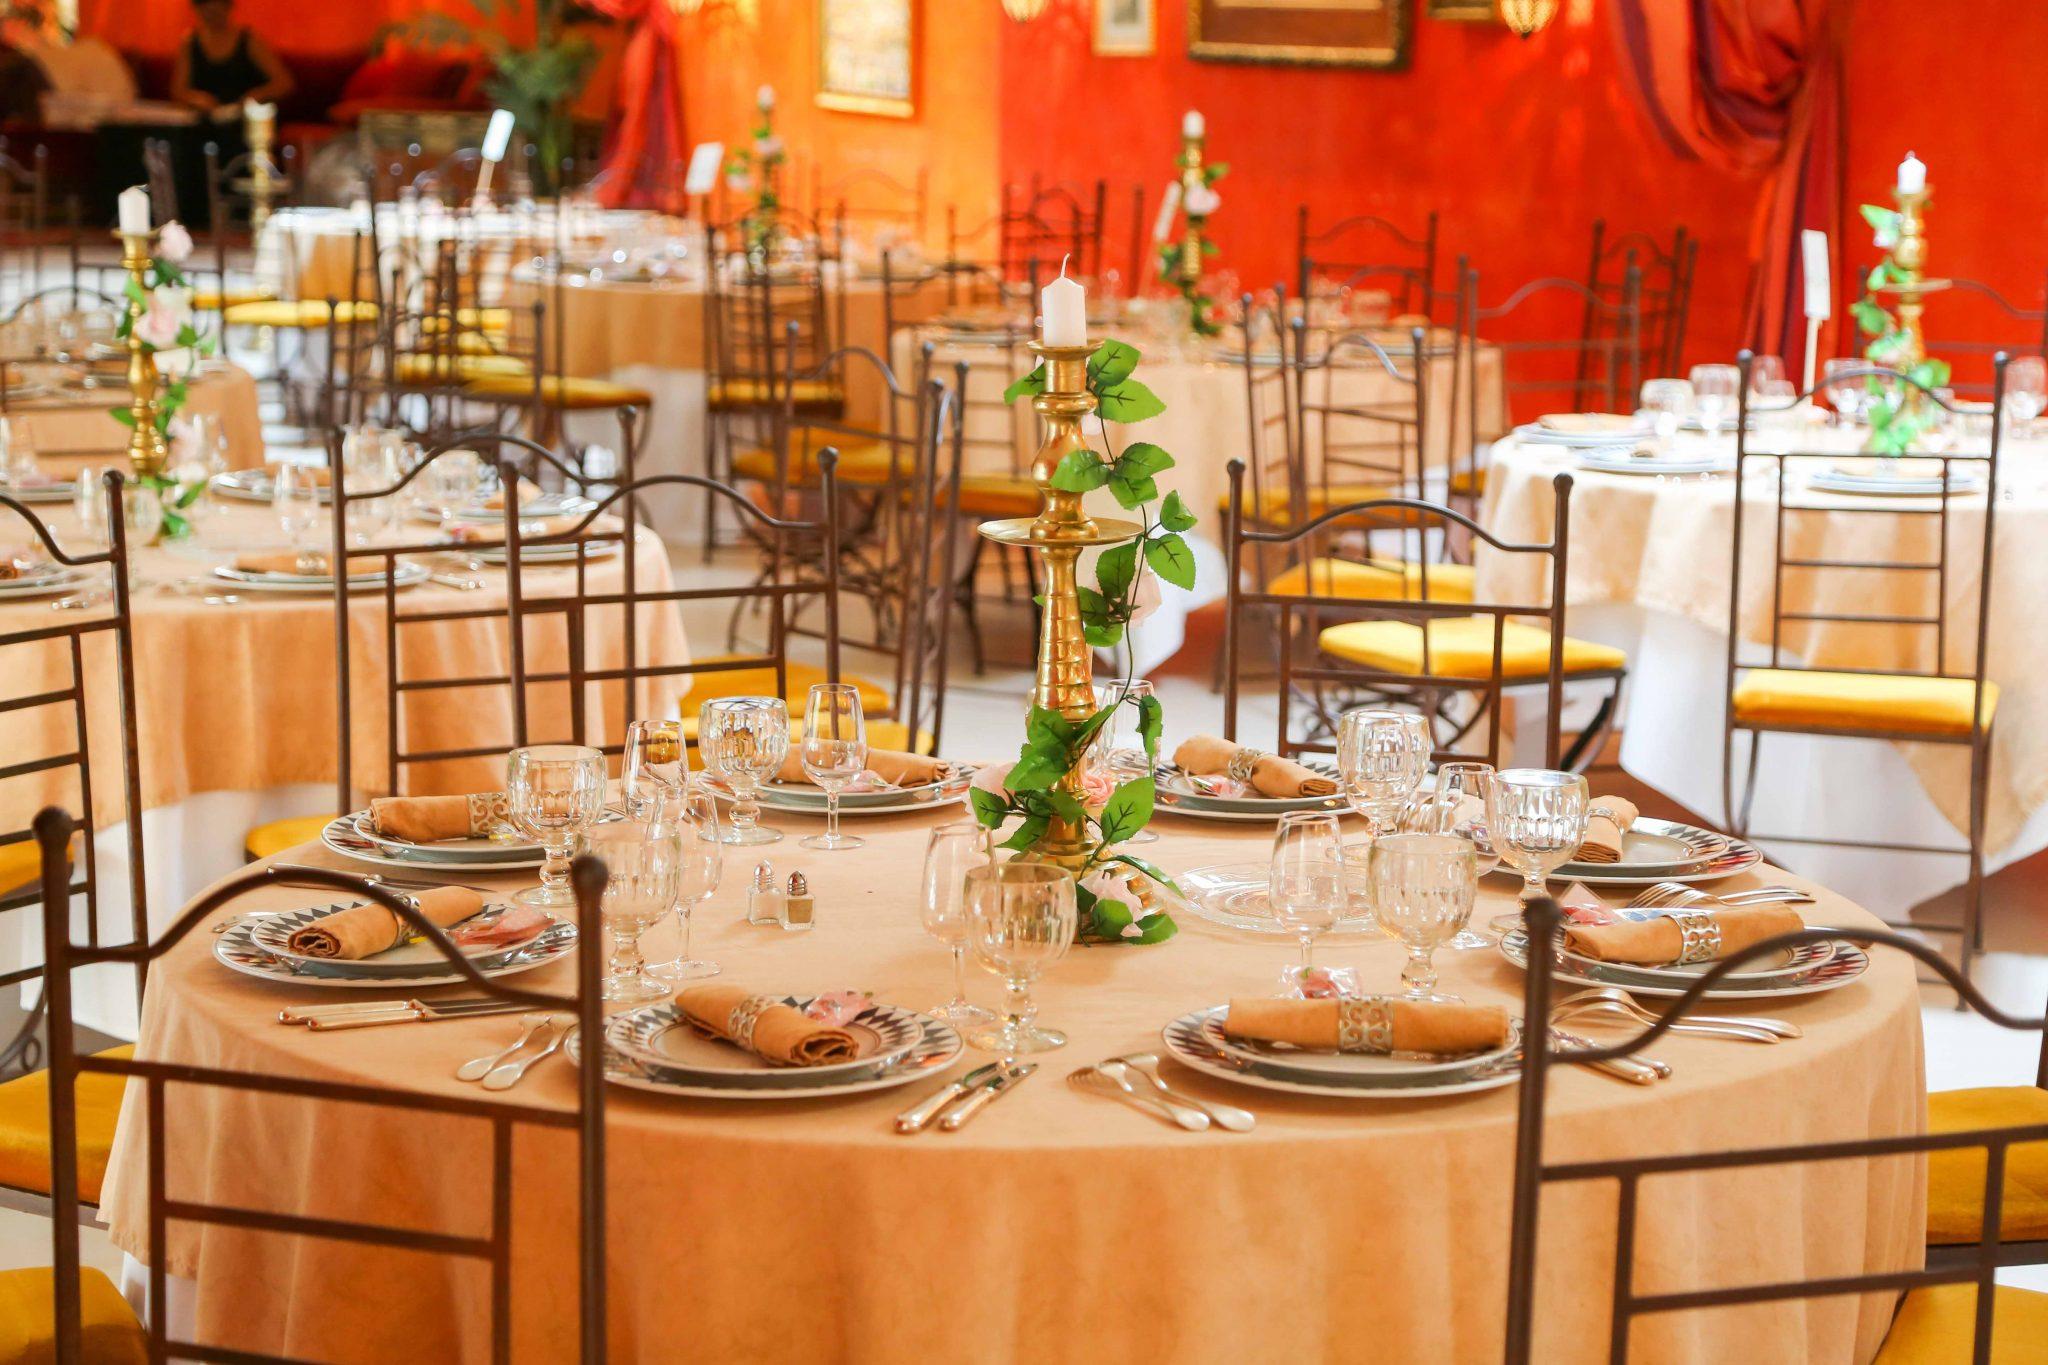 D coration mariage photographe mariage aix en provence salon de provence antony langlasse - Salon du mariage aix en provence ...